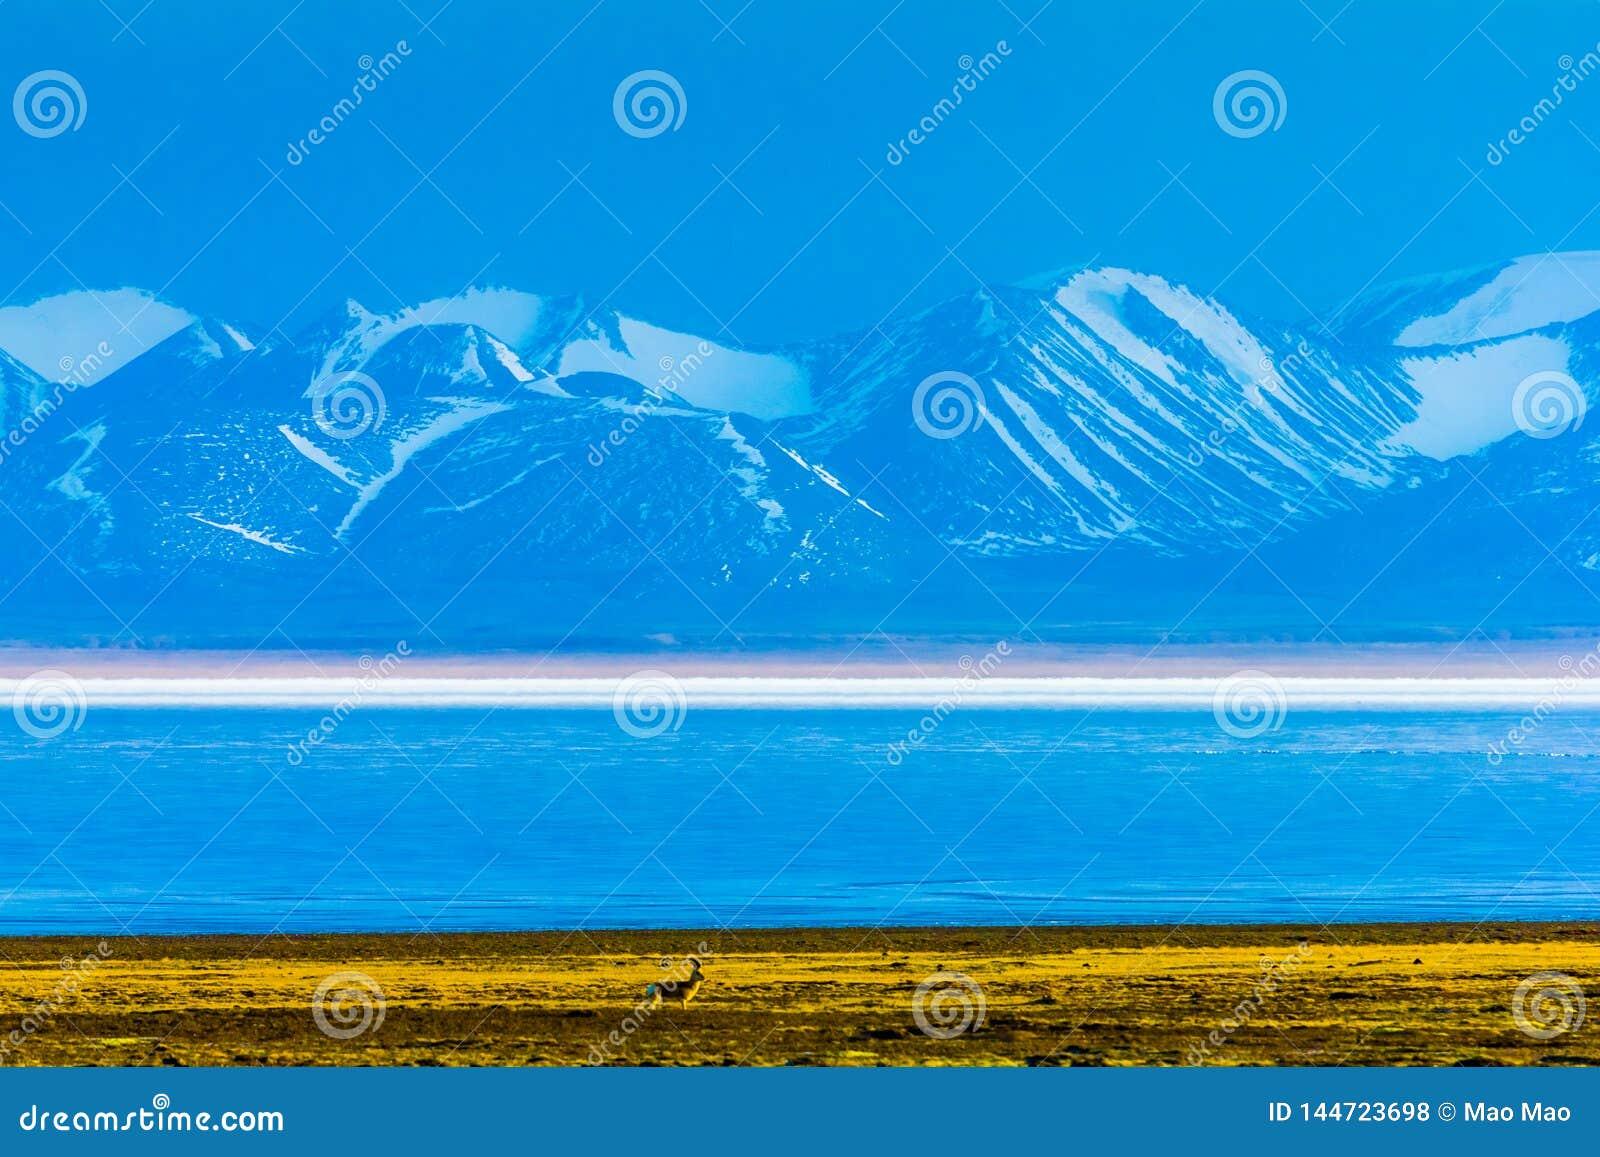 Hala Lake och för snö korkad Qilian bergskedja, Qinghai-Tibet Platea, Kina